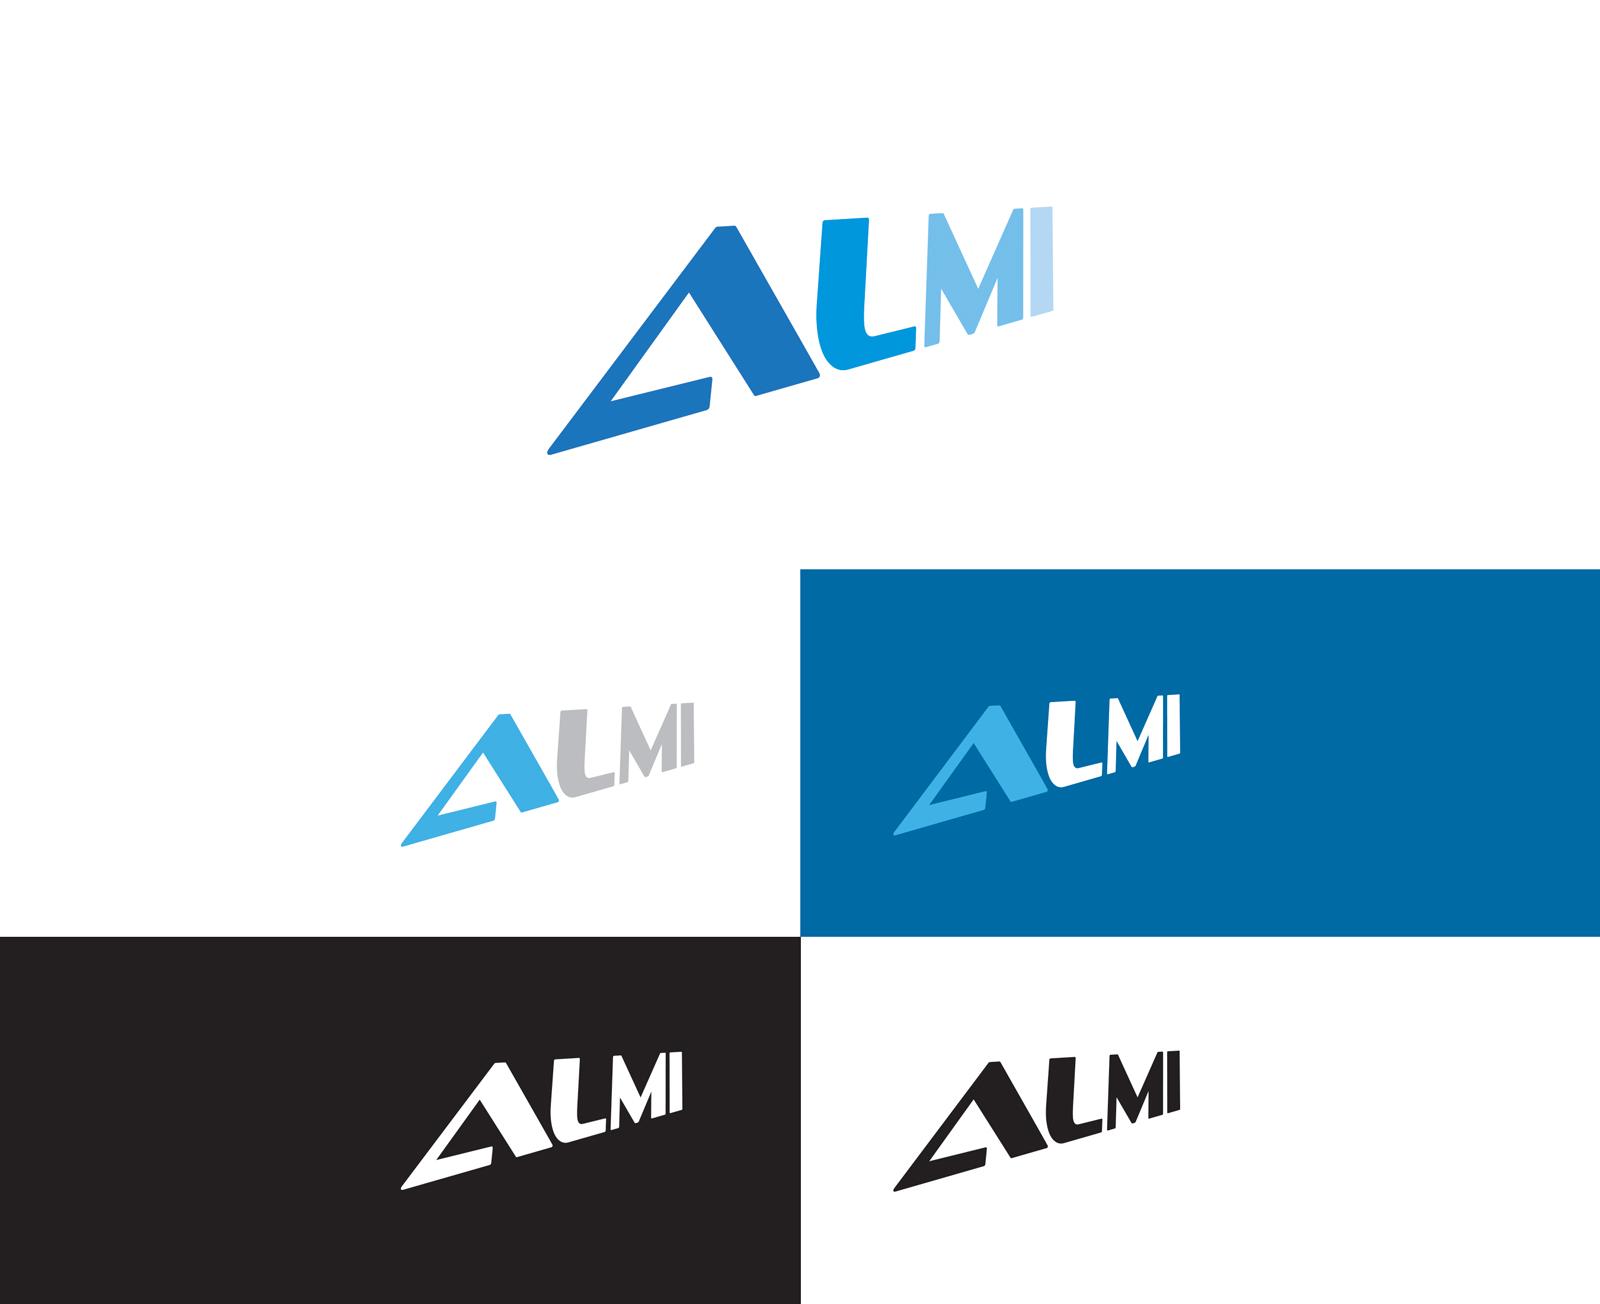 Разработка логотипа и фона фото f_3405991e5bccfdef.jpg